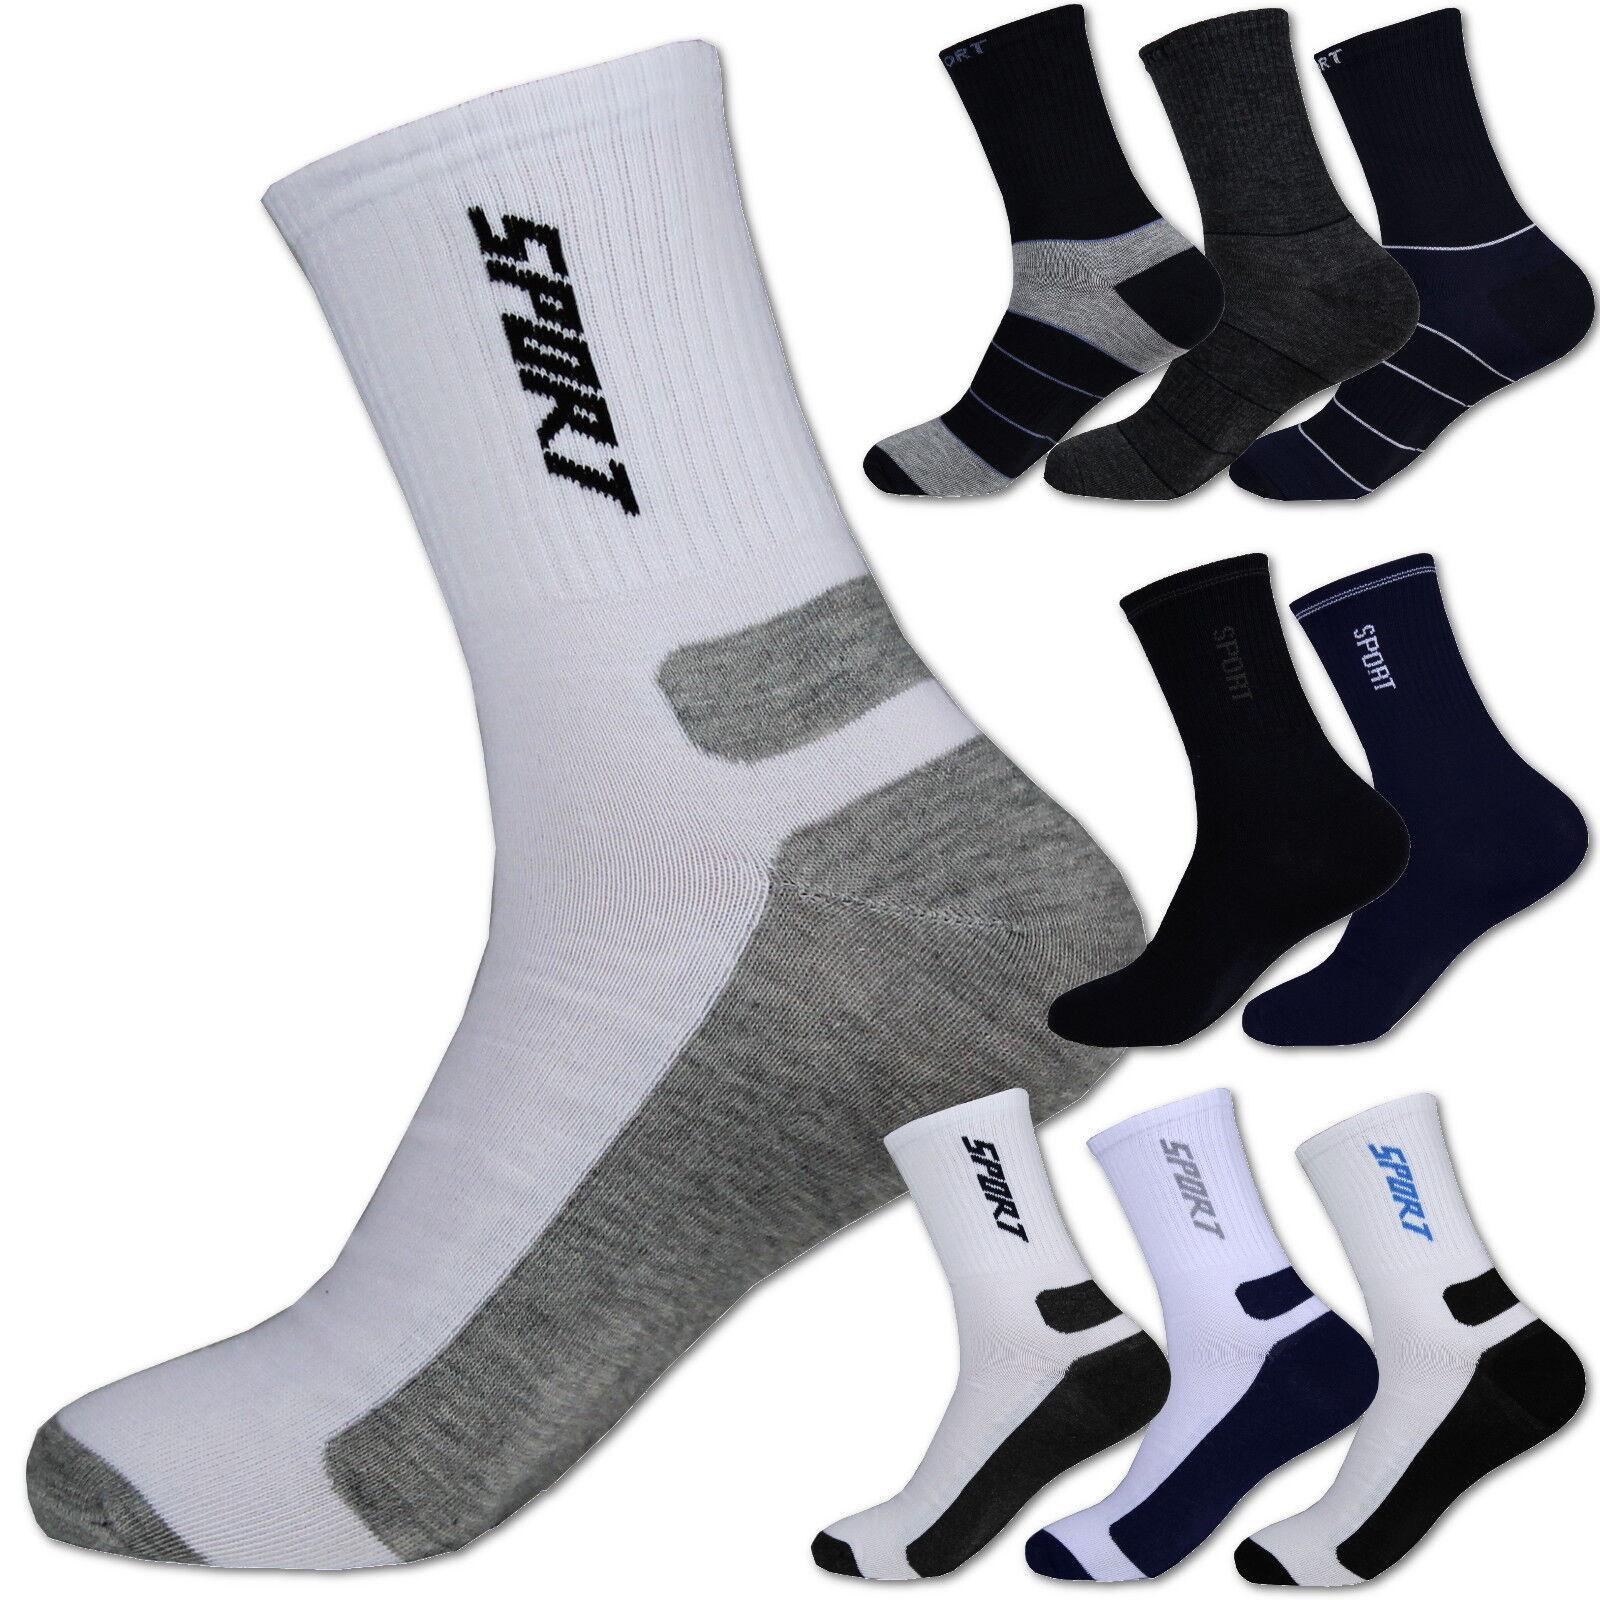 12-24 Paar SPORT Socken ✅ Tennissocken Herren Baumwolle weiß schwarz Funktion ✅